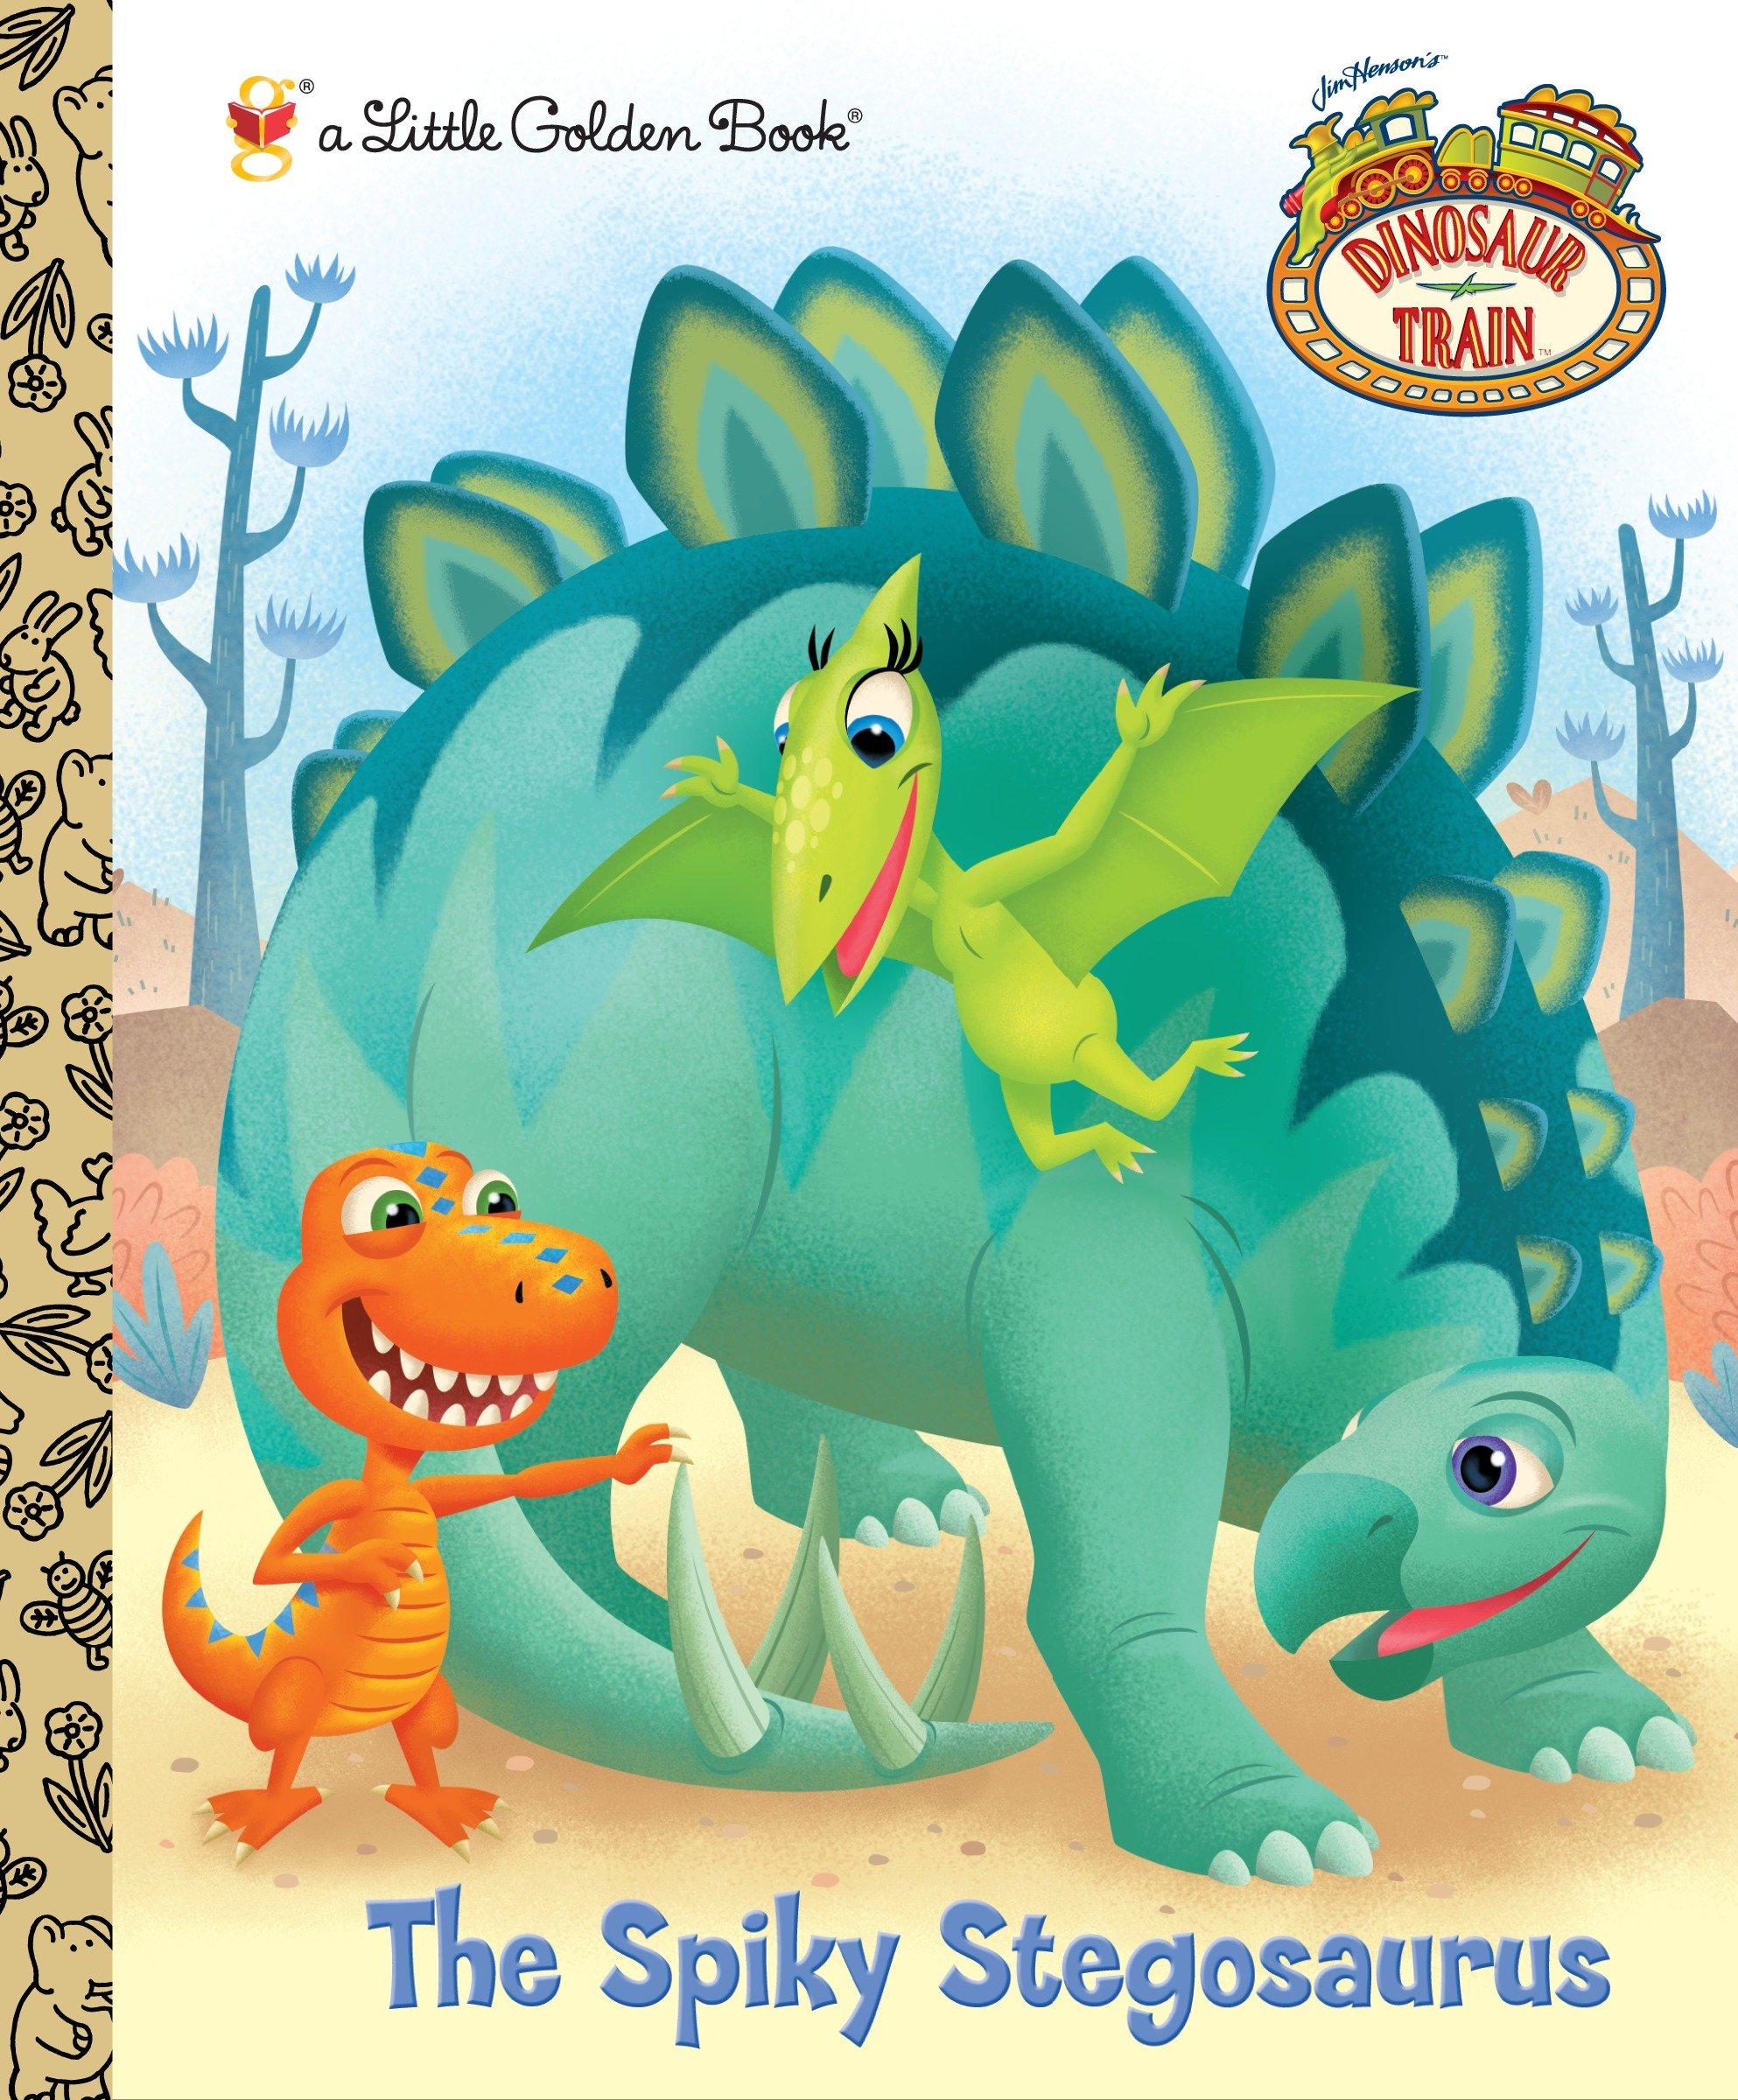 The Spiky Stegosaurus (Dinosaur Train)